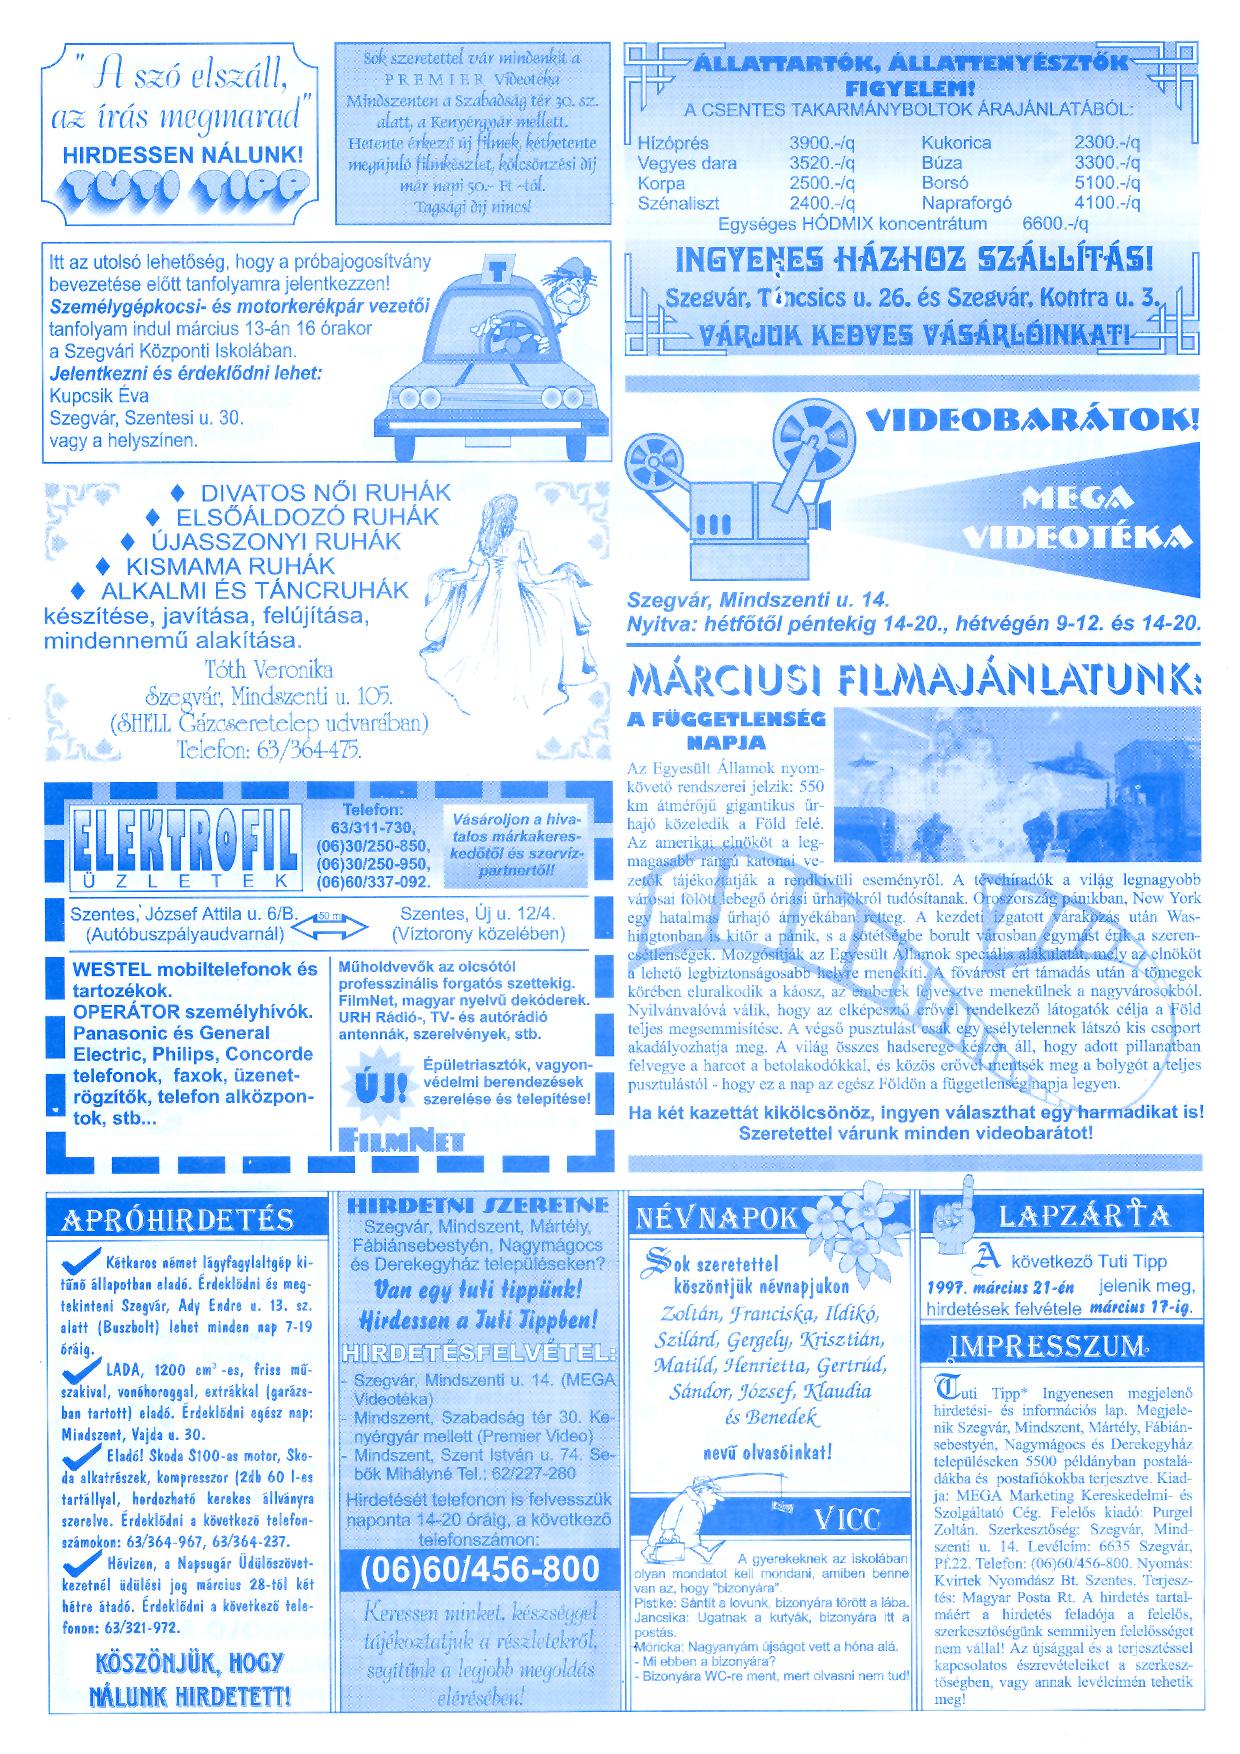 008 Tuti Tipp reklámújság - 19970307-057. lapszám - 2.oldal - III. évfolyam.jpg